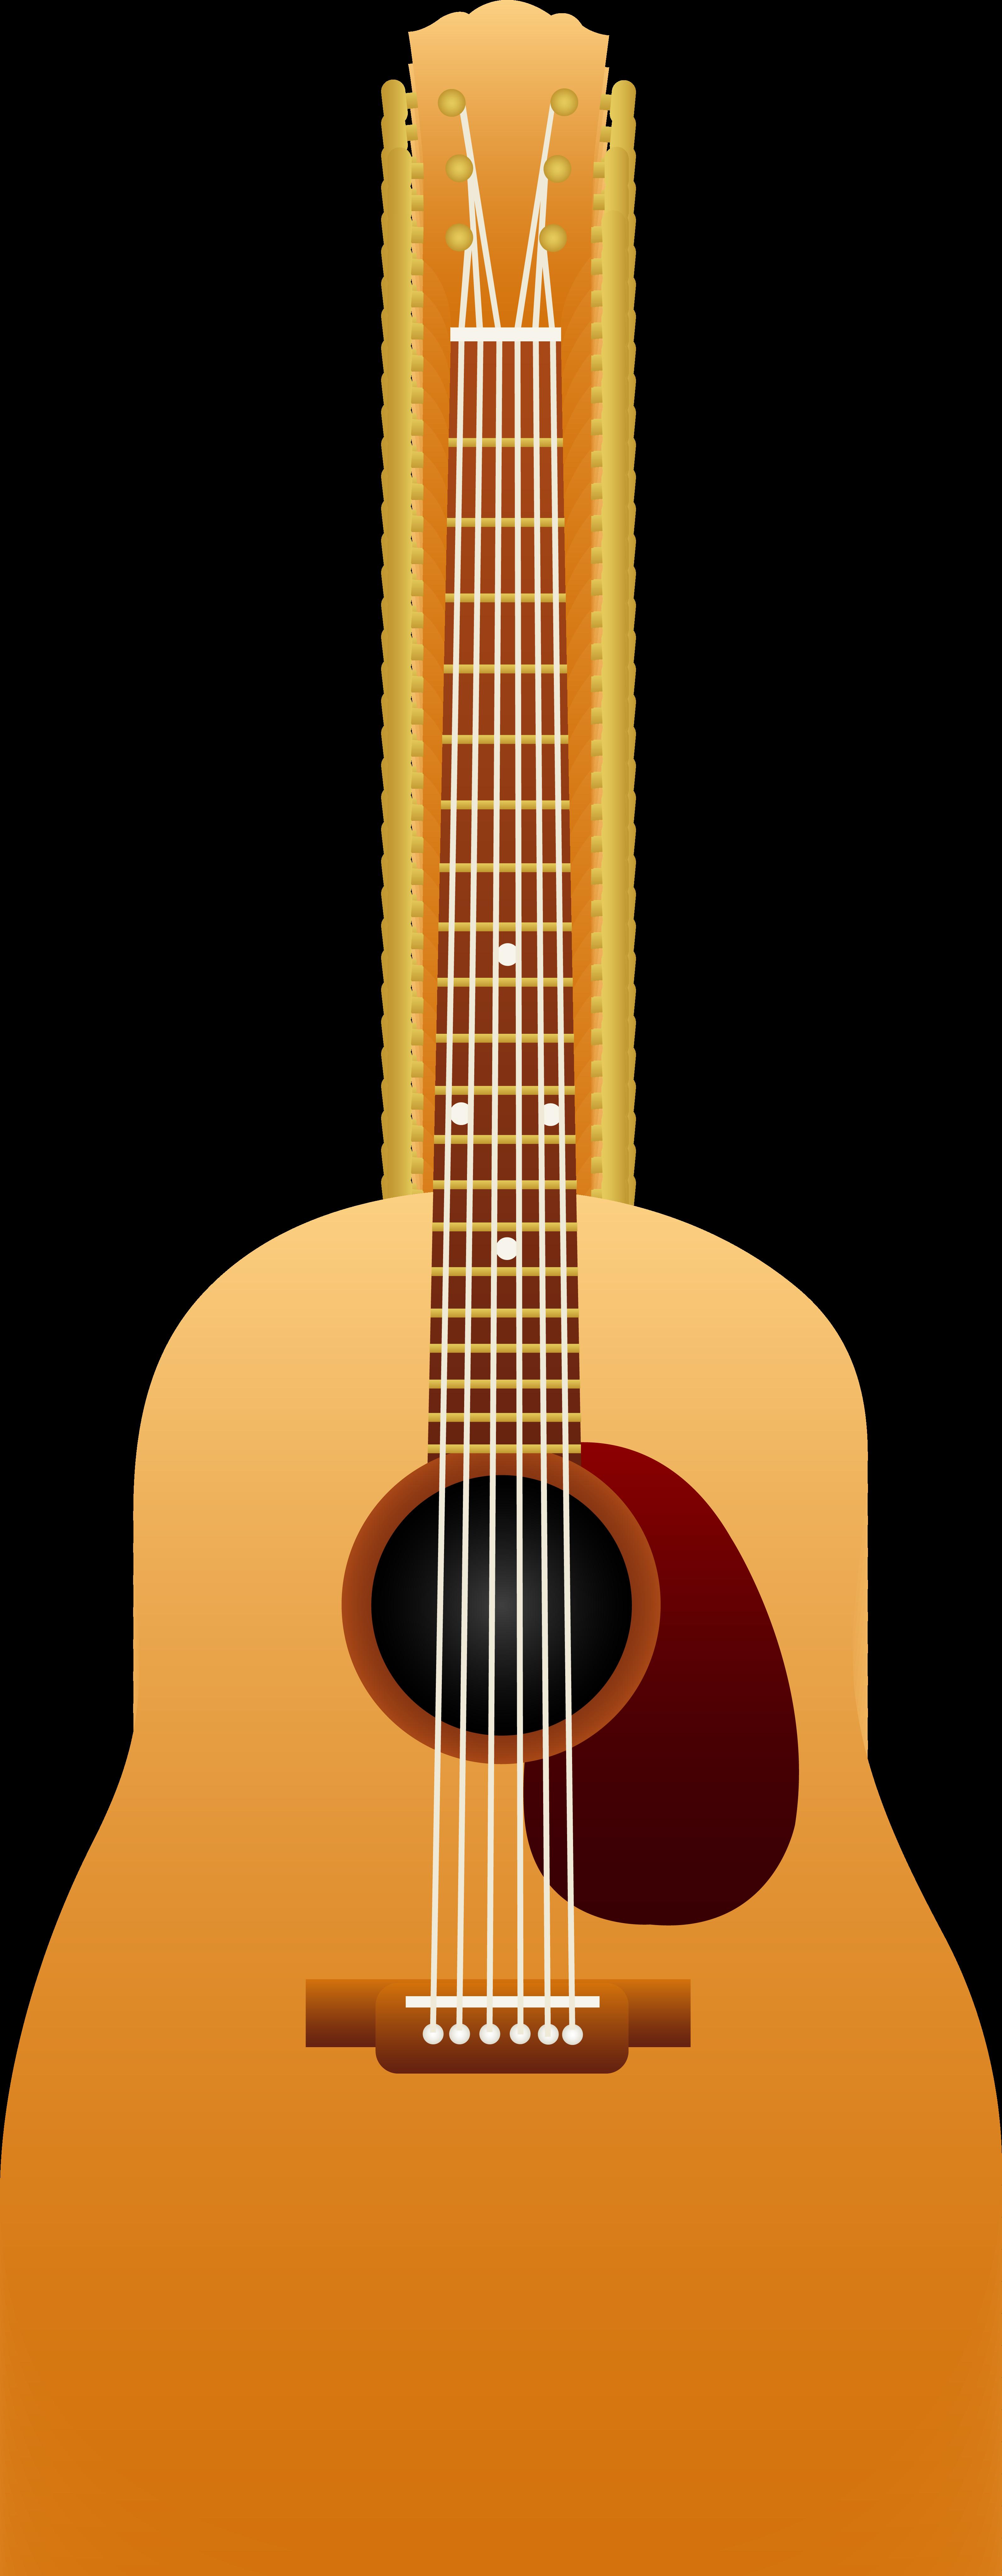 Sunburst Png Guitar Clipart Acoustic.